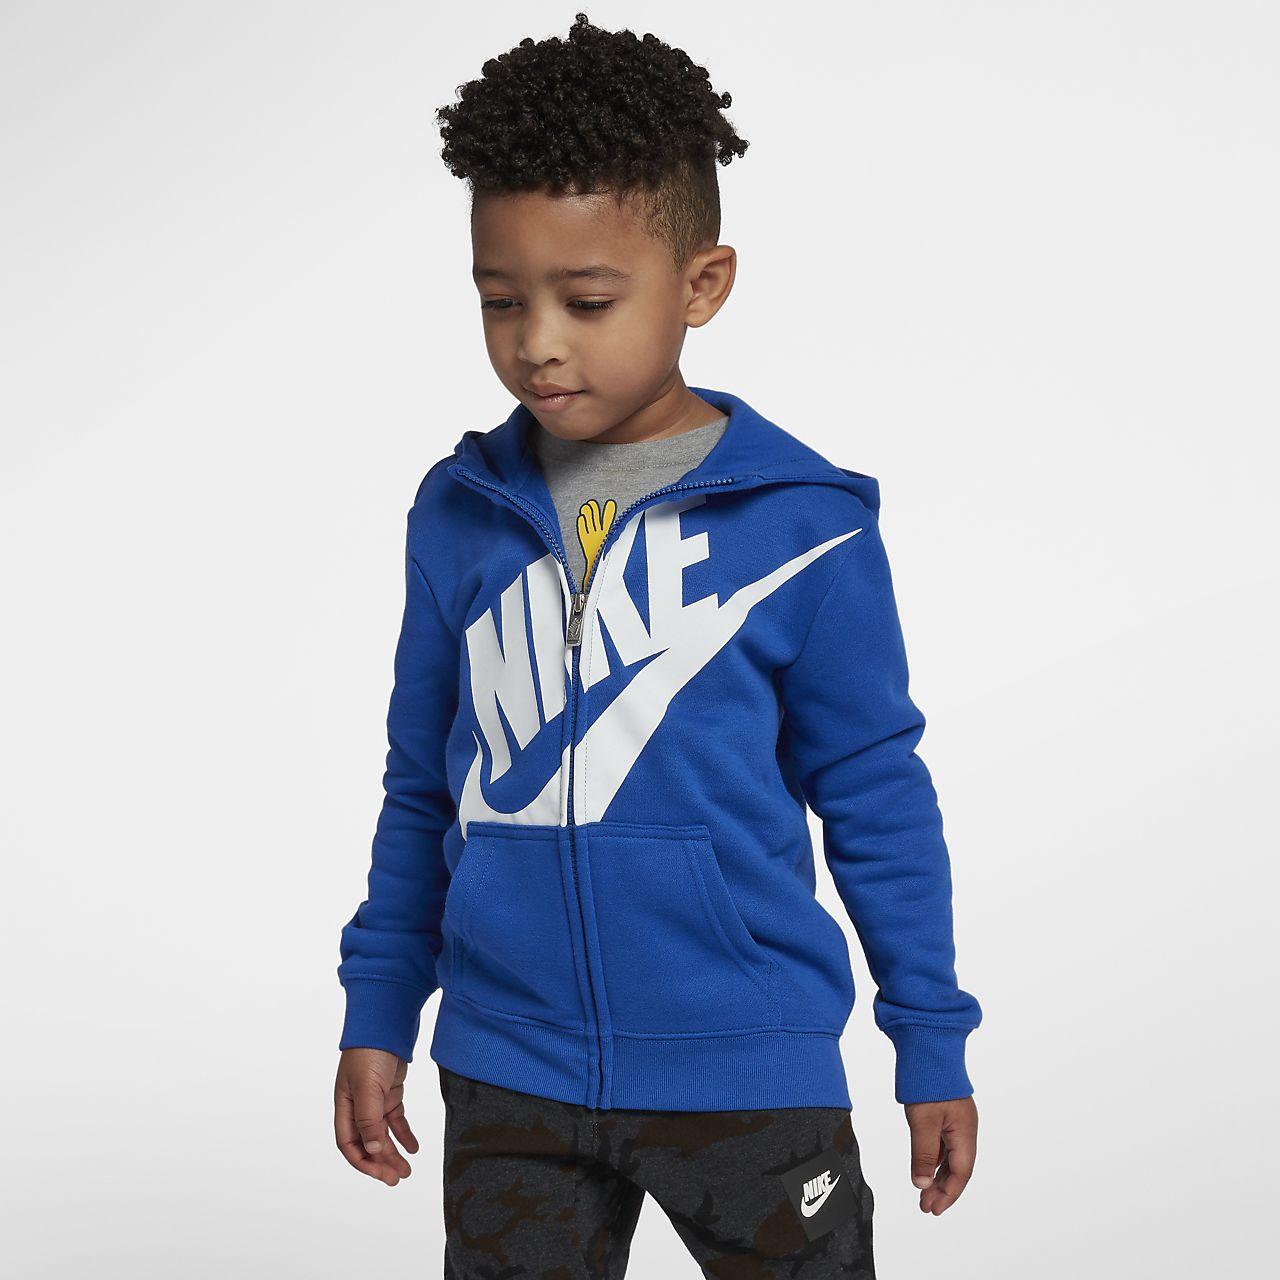 Flísová mikina s kapucí Nike pro malé děti